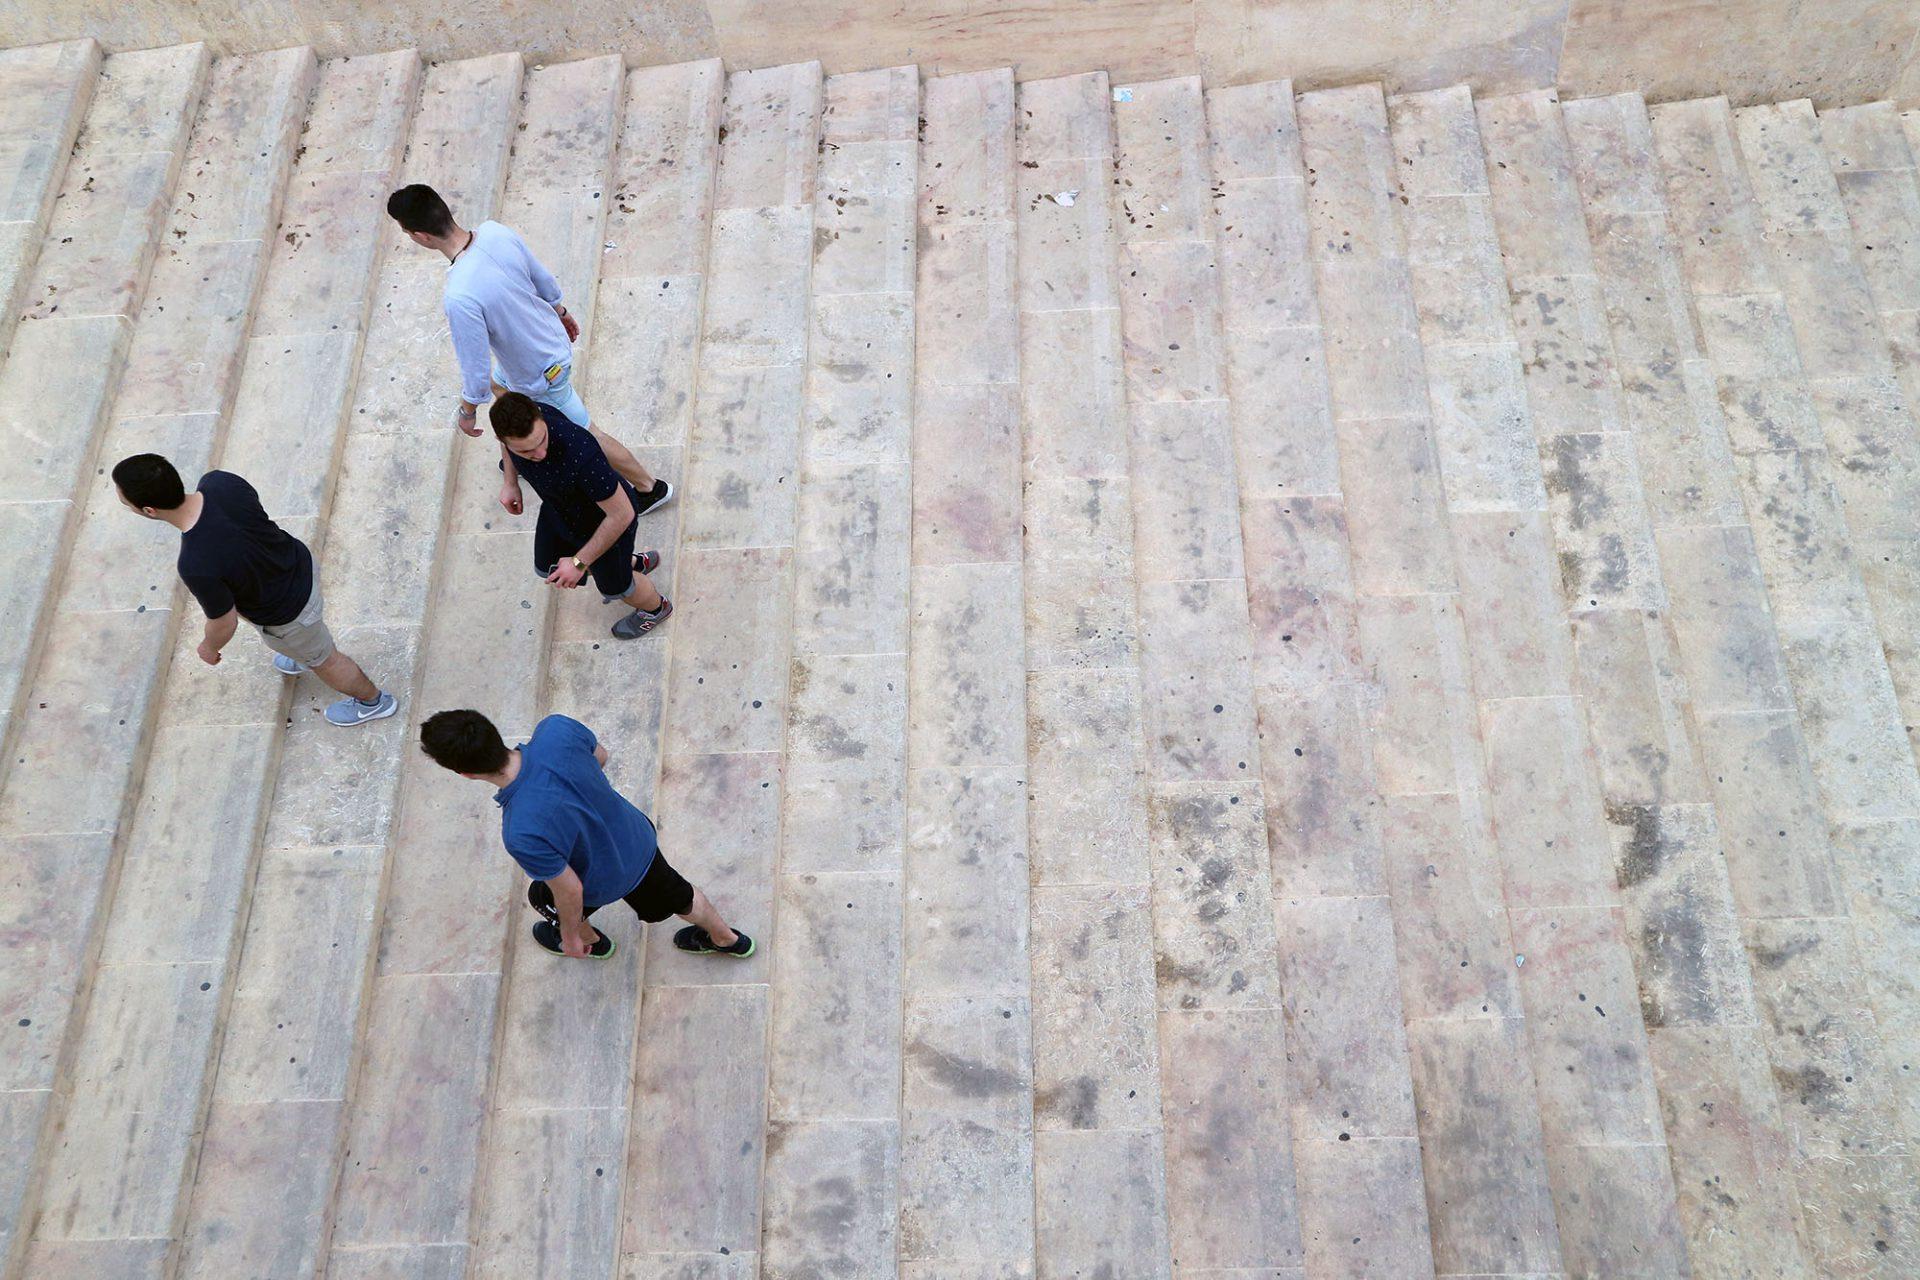 Breit. Begegnungen auf den Treppenanlagen.